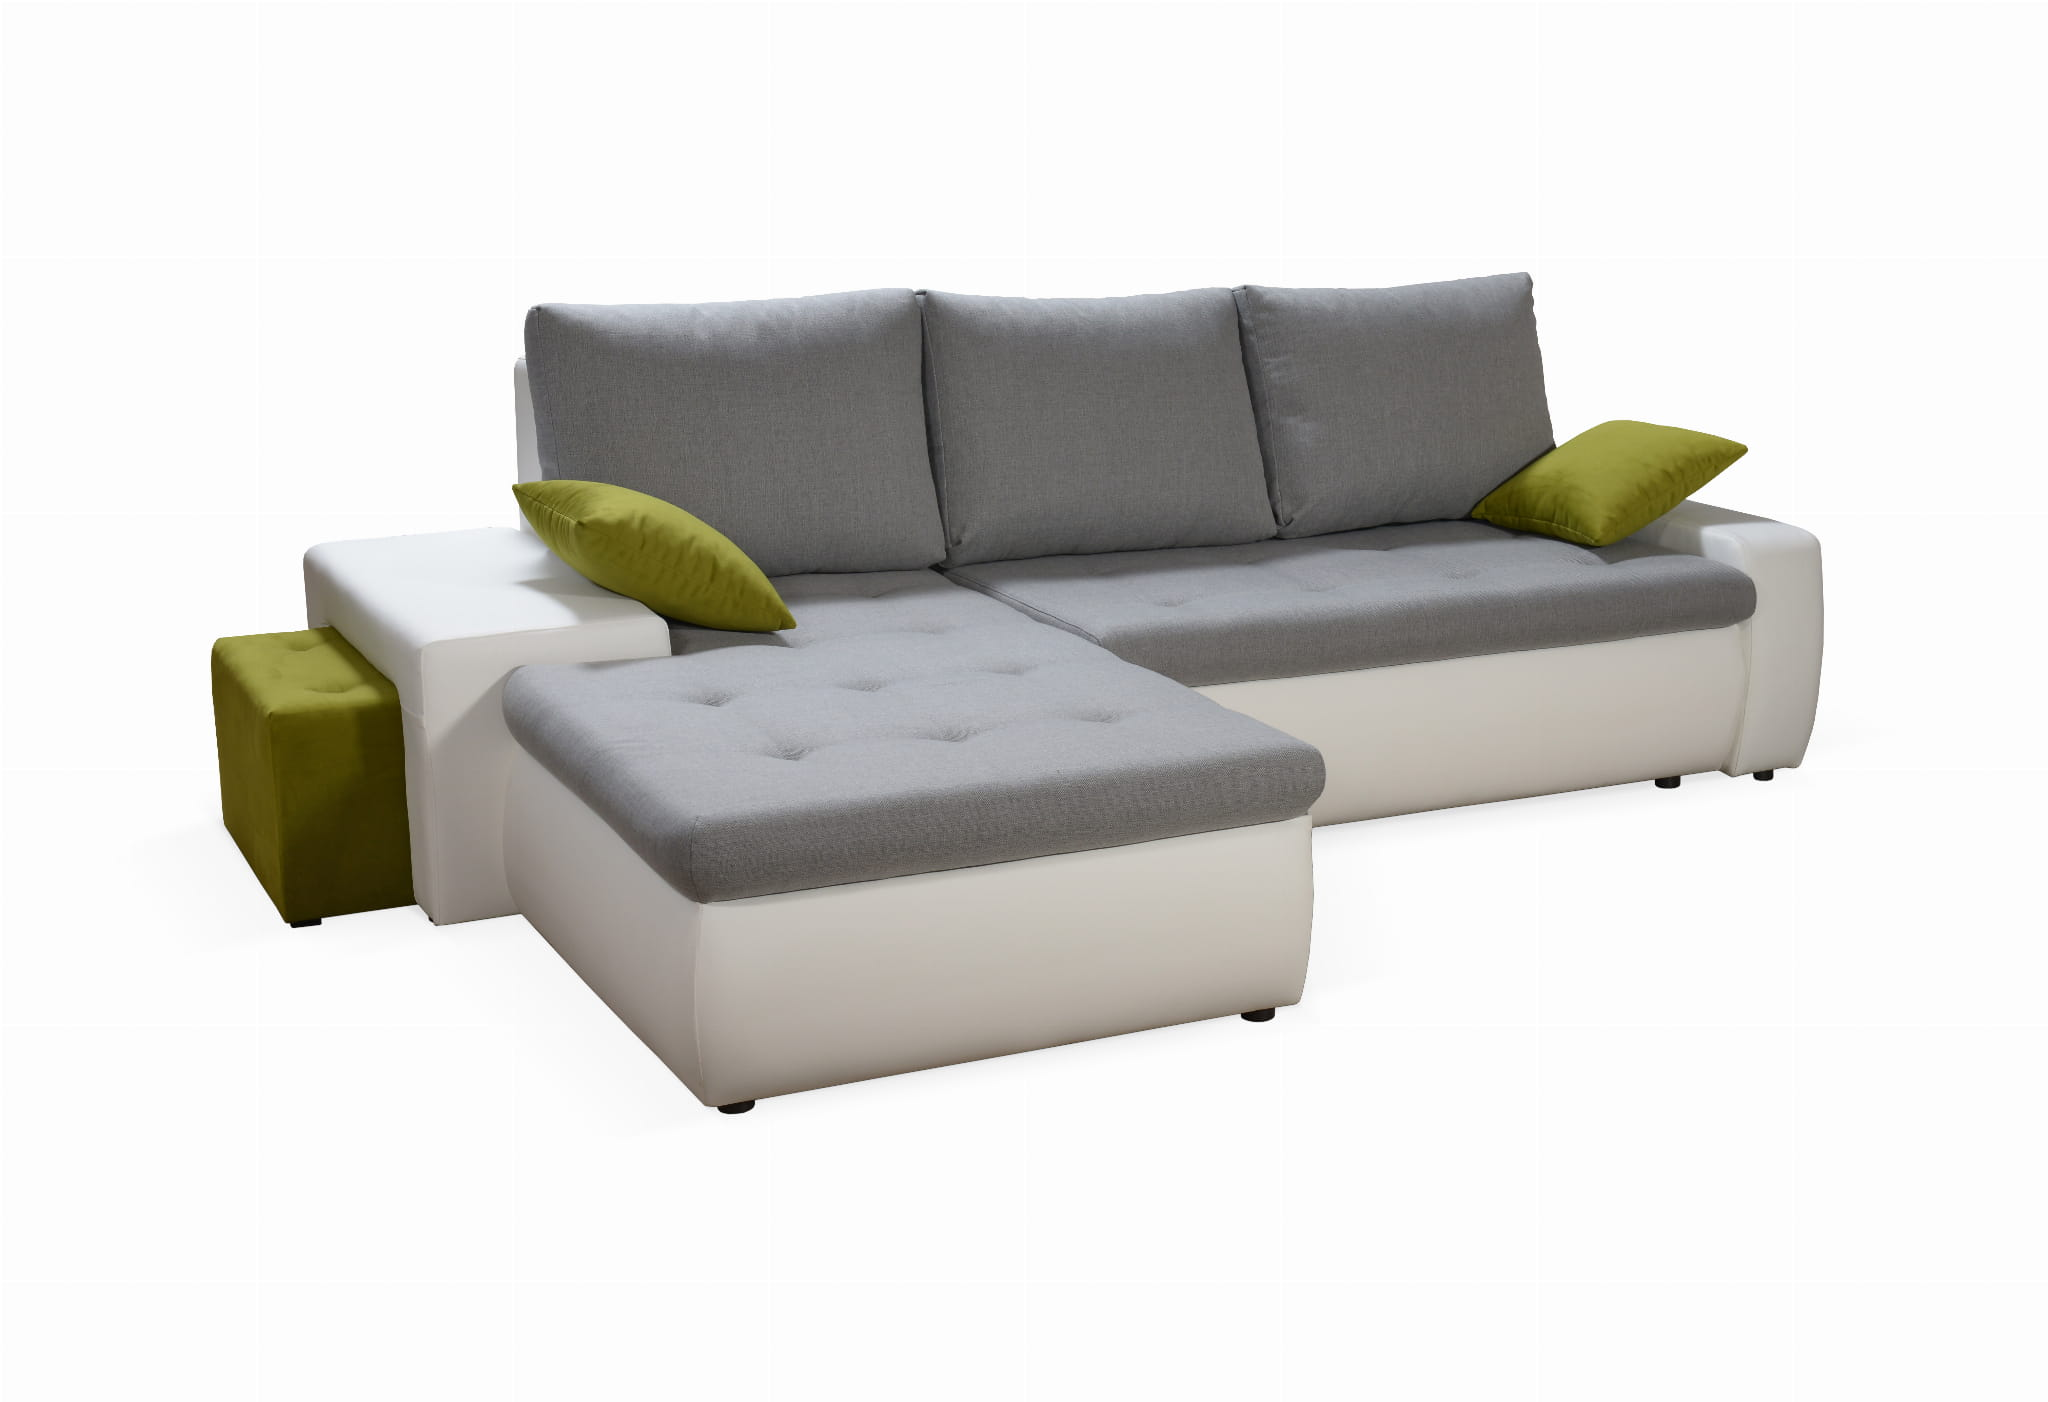 wohnlandschaft senso deine moebel 24 einfach einrichten. Black Bedroom Furniture Sets. Home Design Ideas